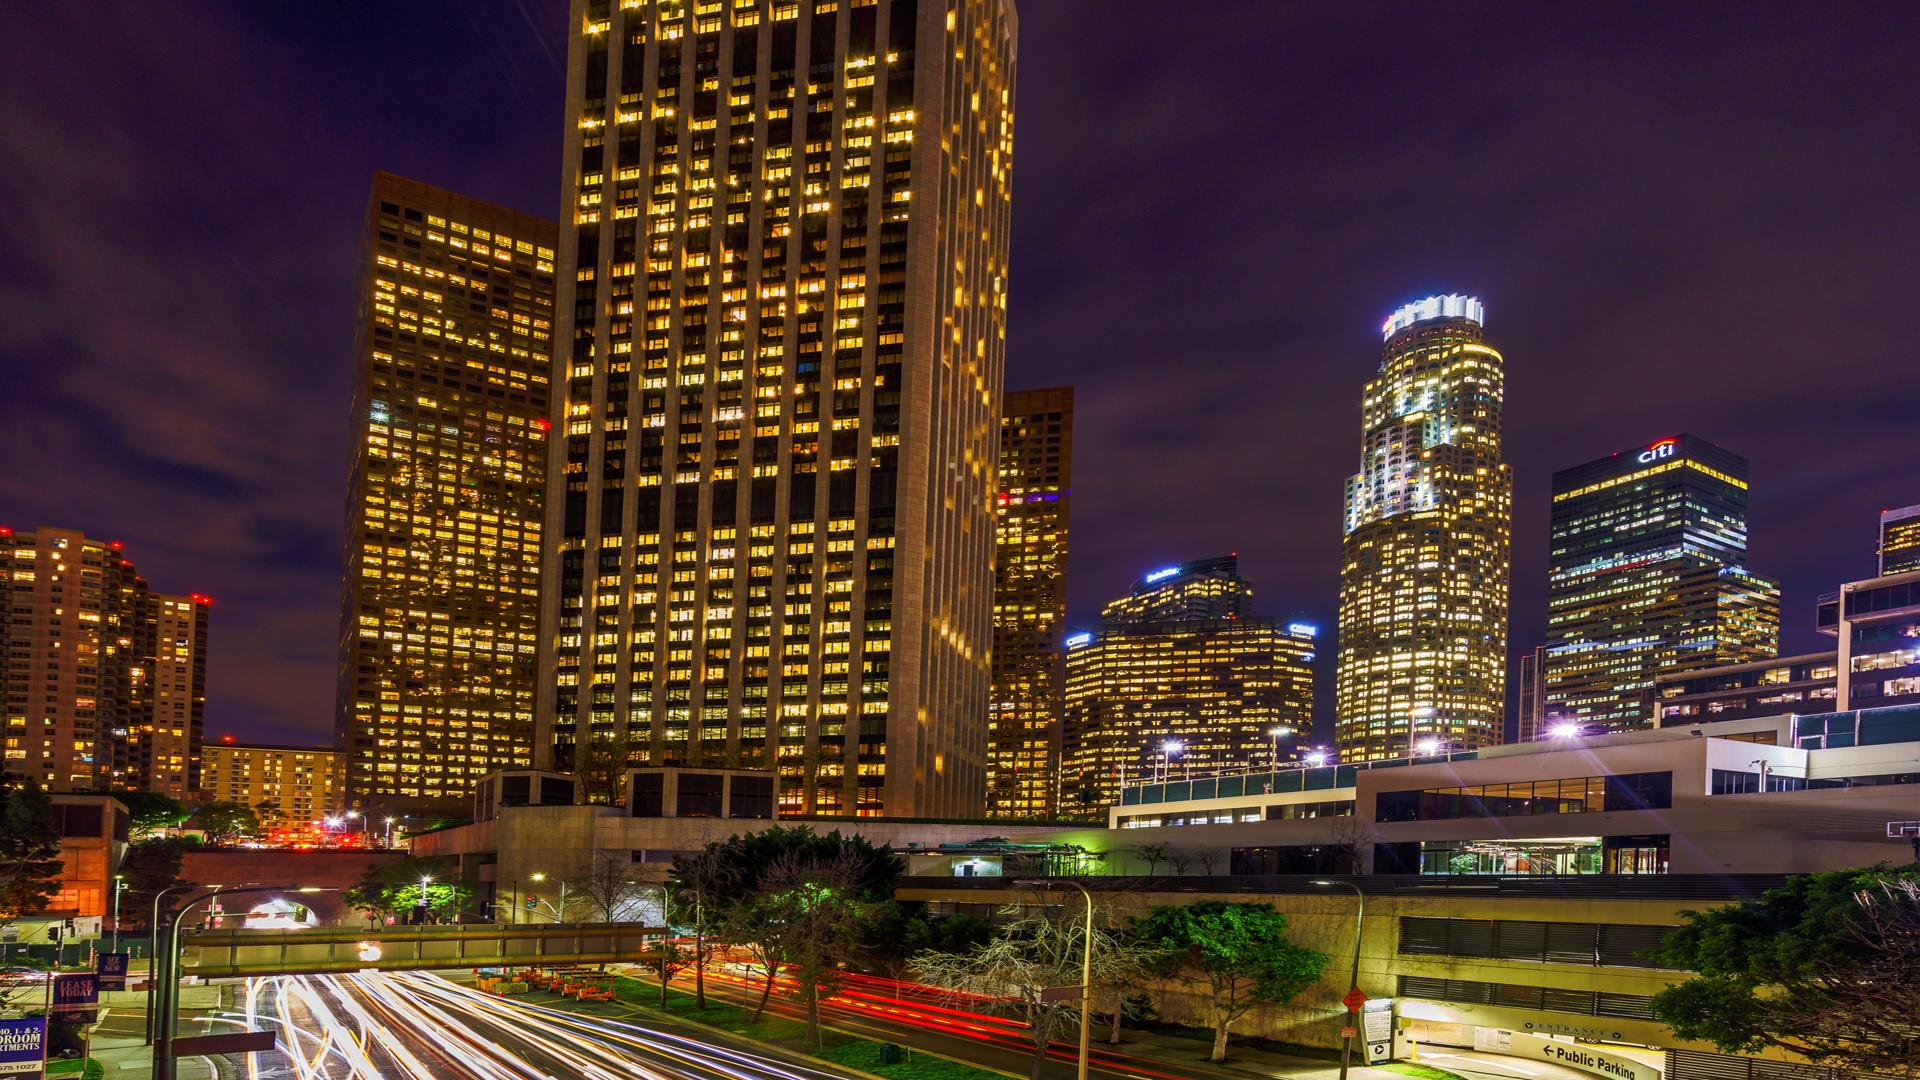 LA NightCityscape1